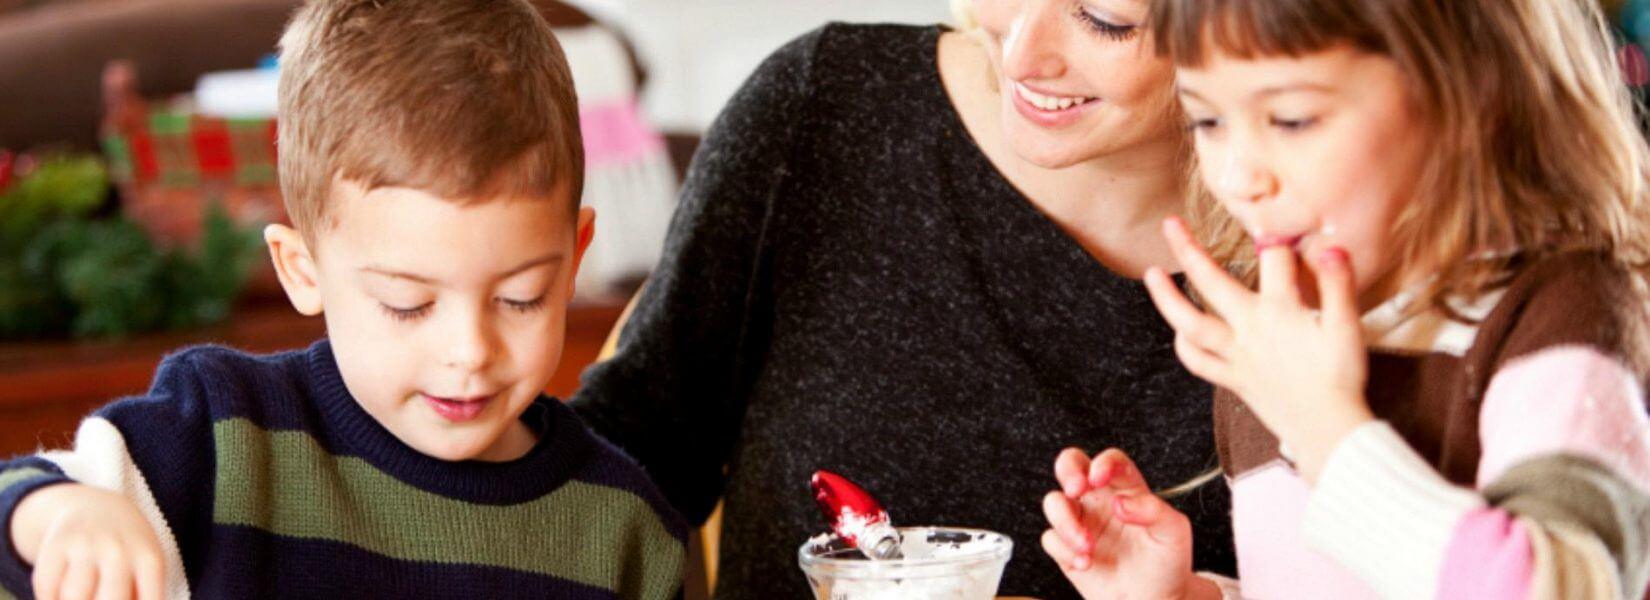 Έρευνα: Γιατί δεν πρέπει να τρώτε ωμή ζύμη μπισκότων ούτε εσείς, ούτε τα παιδιά σας!